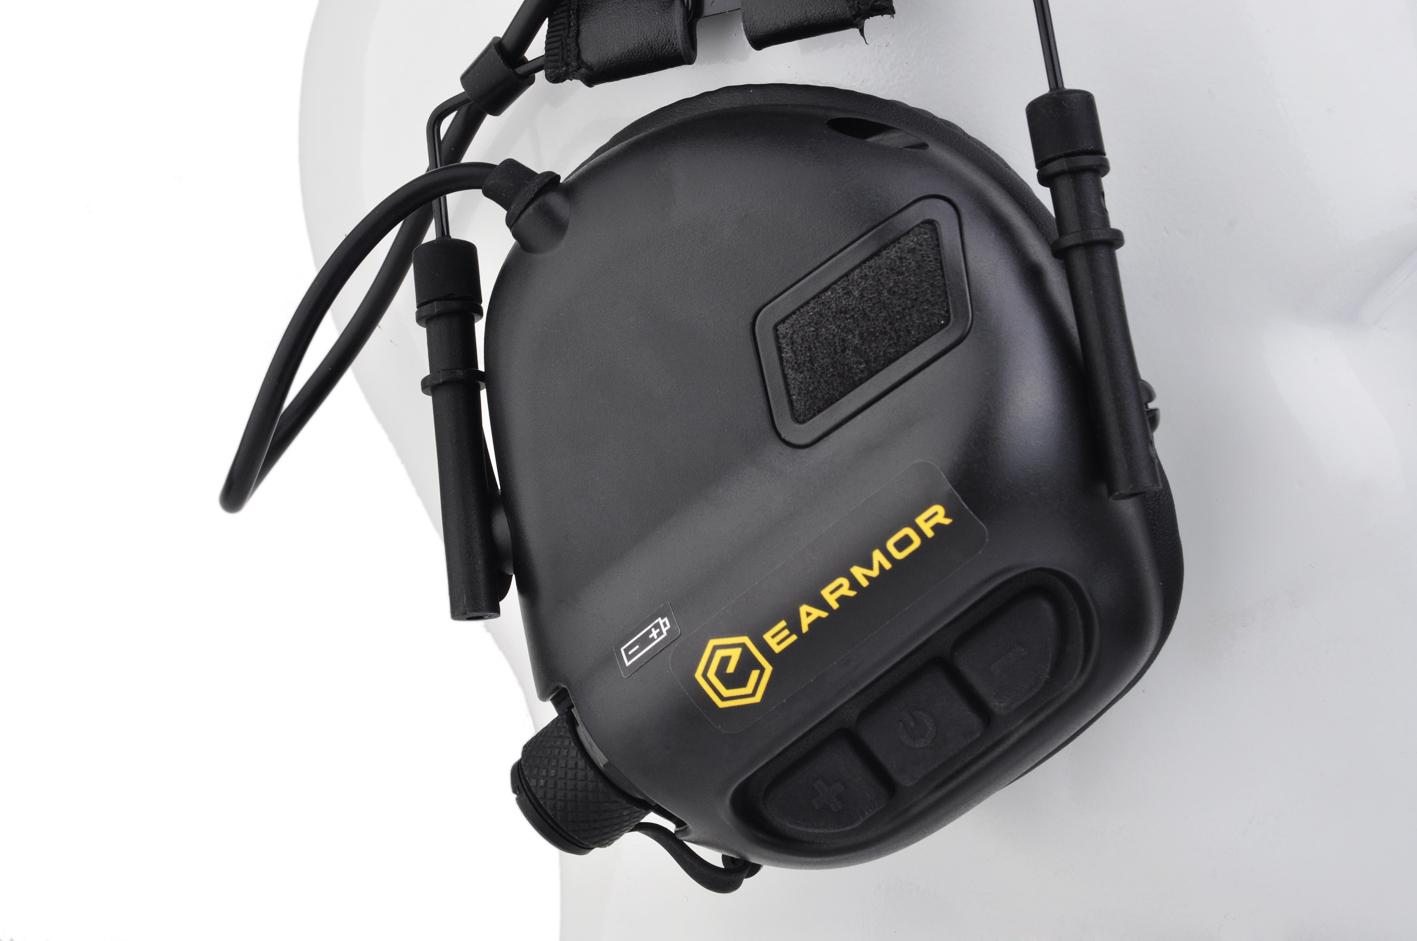 OPSMEN EARMOR M32 Black